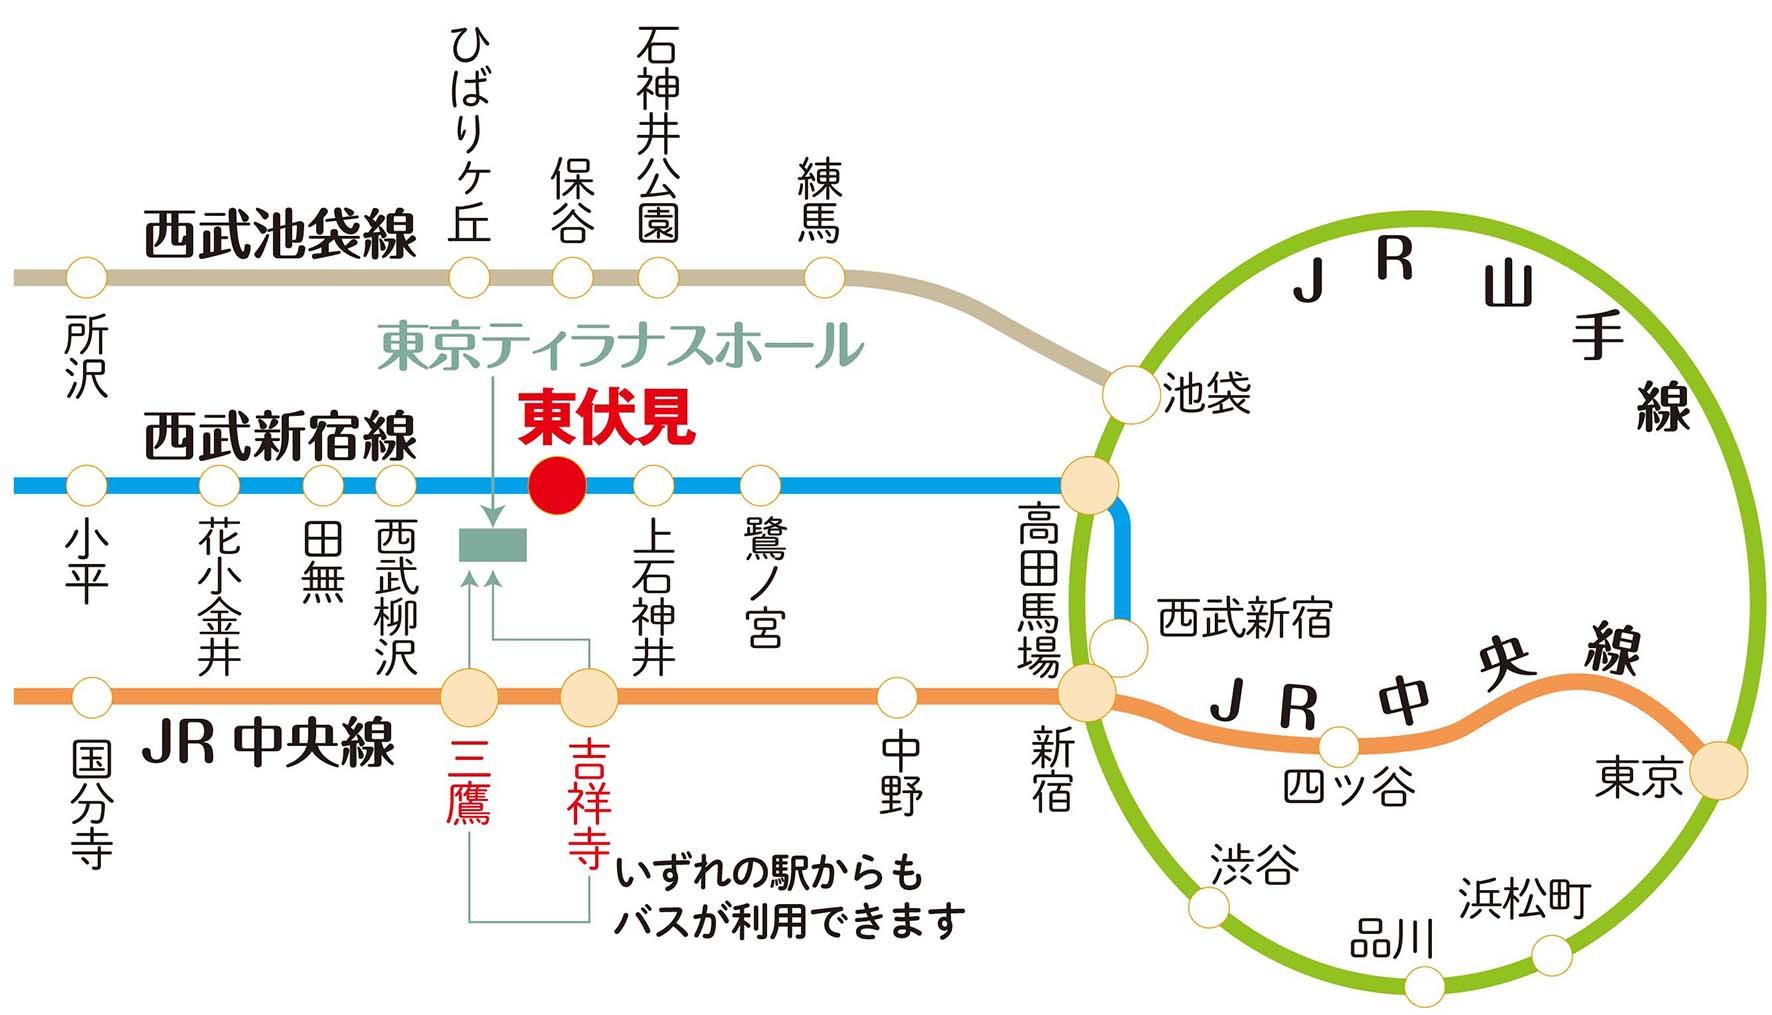 電車での路線図.jpg